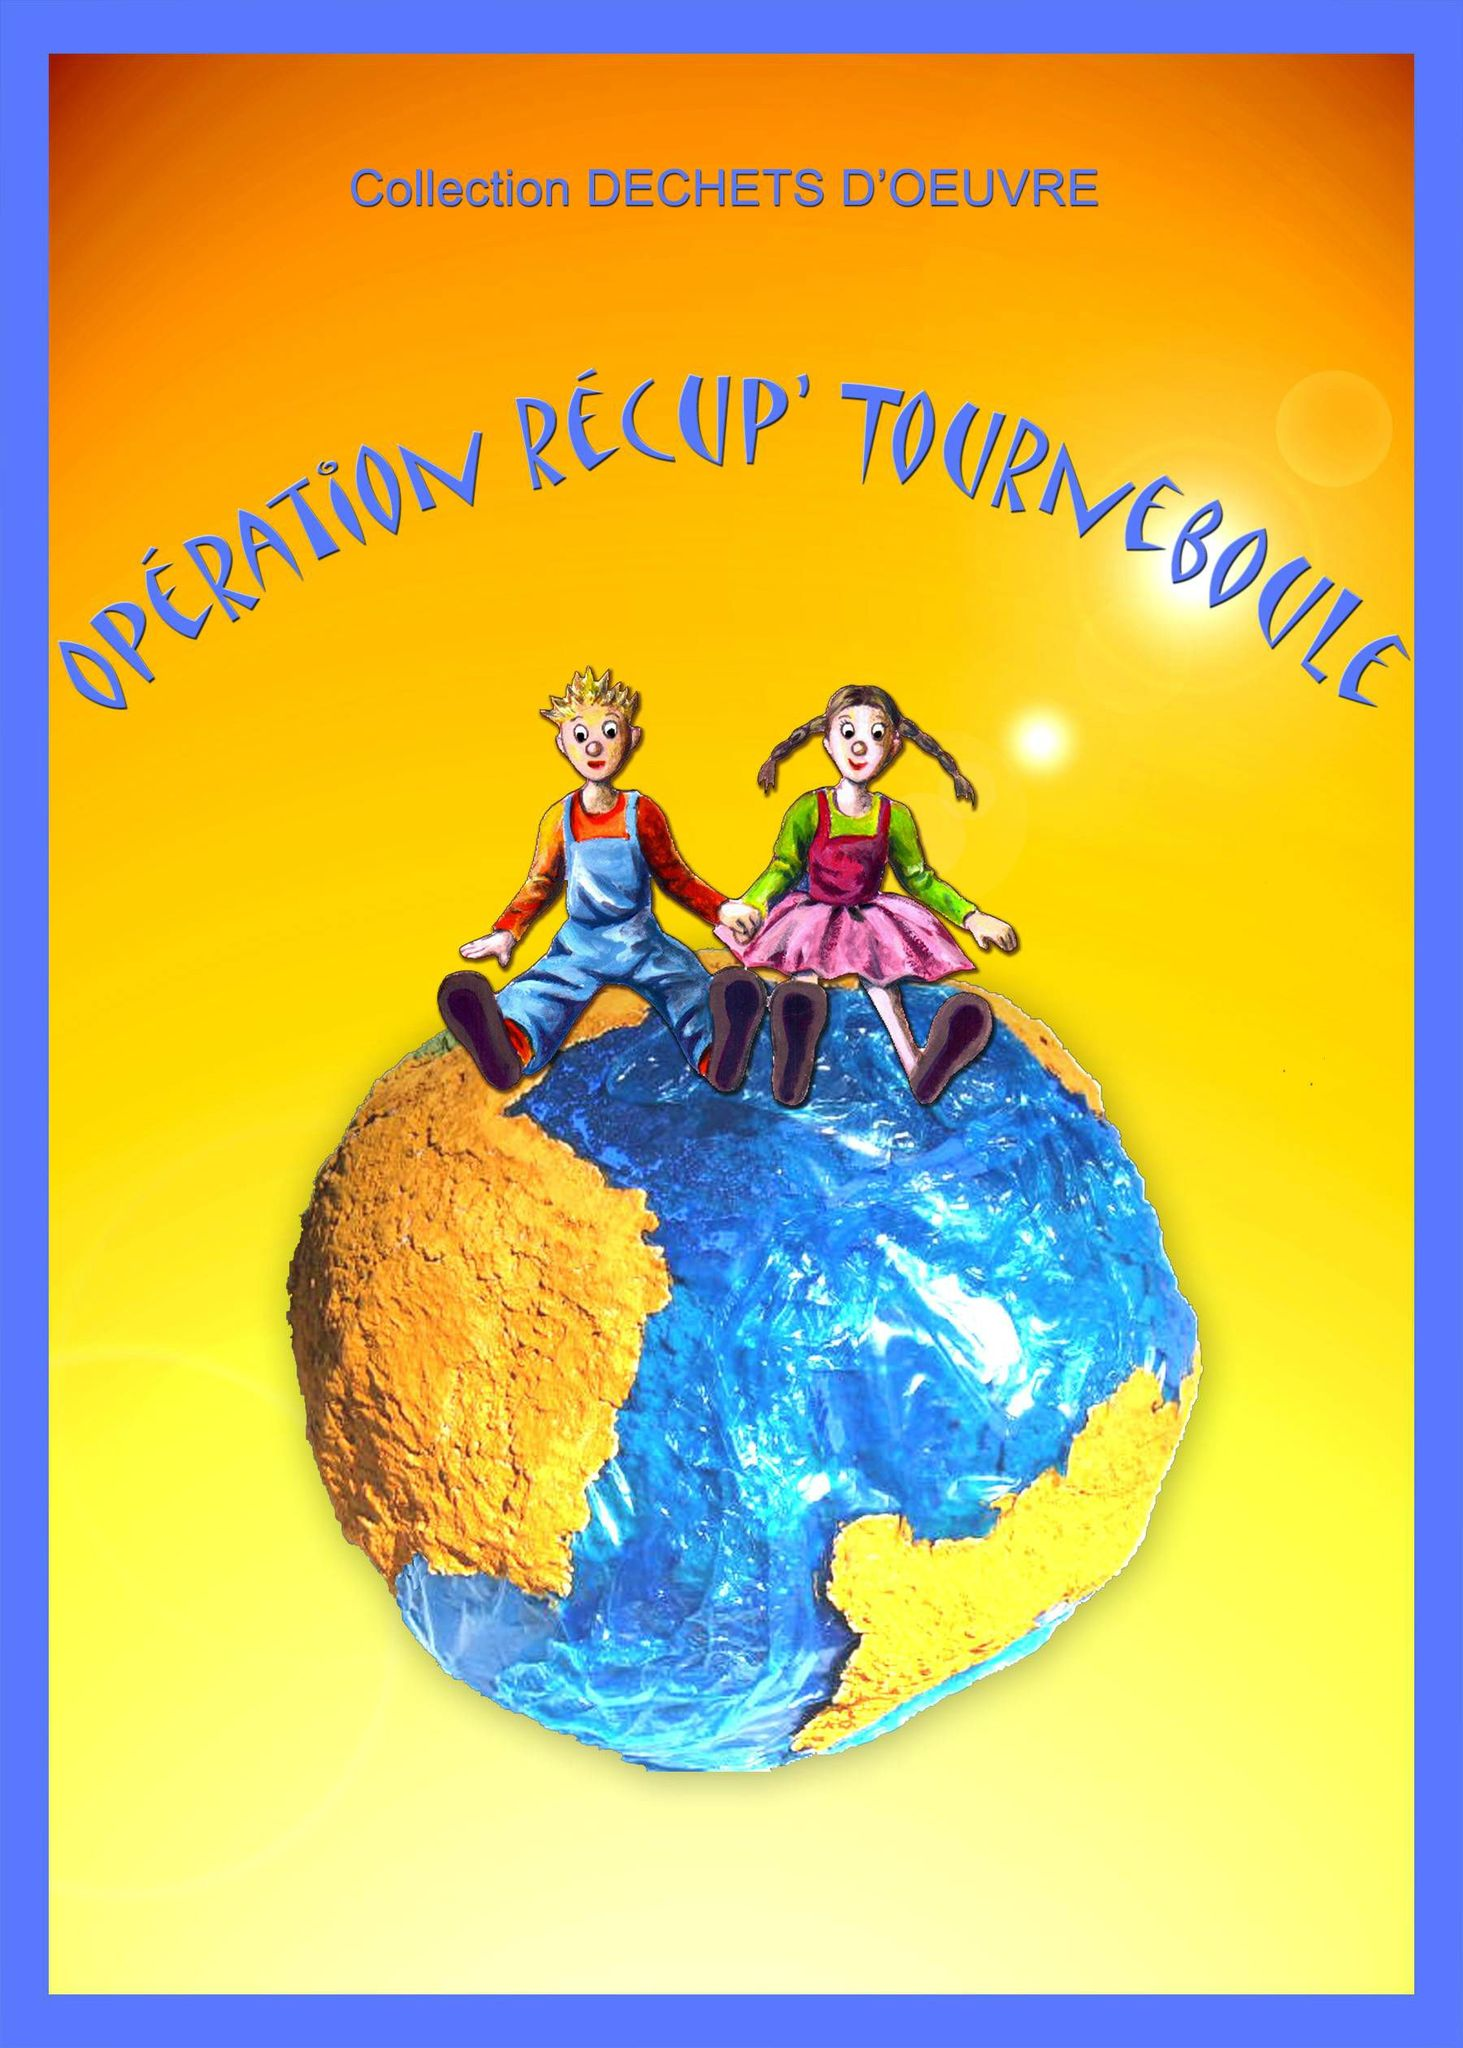 Planète terre plastique papier et enfants Opération récup Tourneboule - Planet Earth